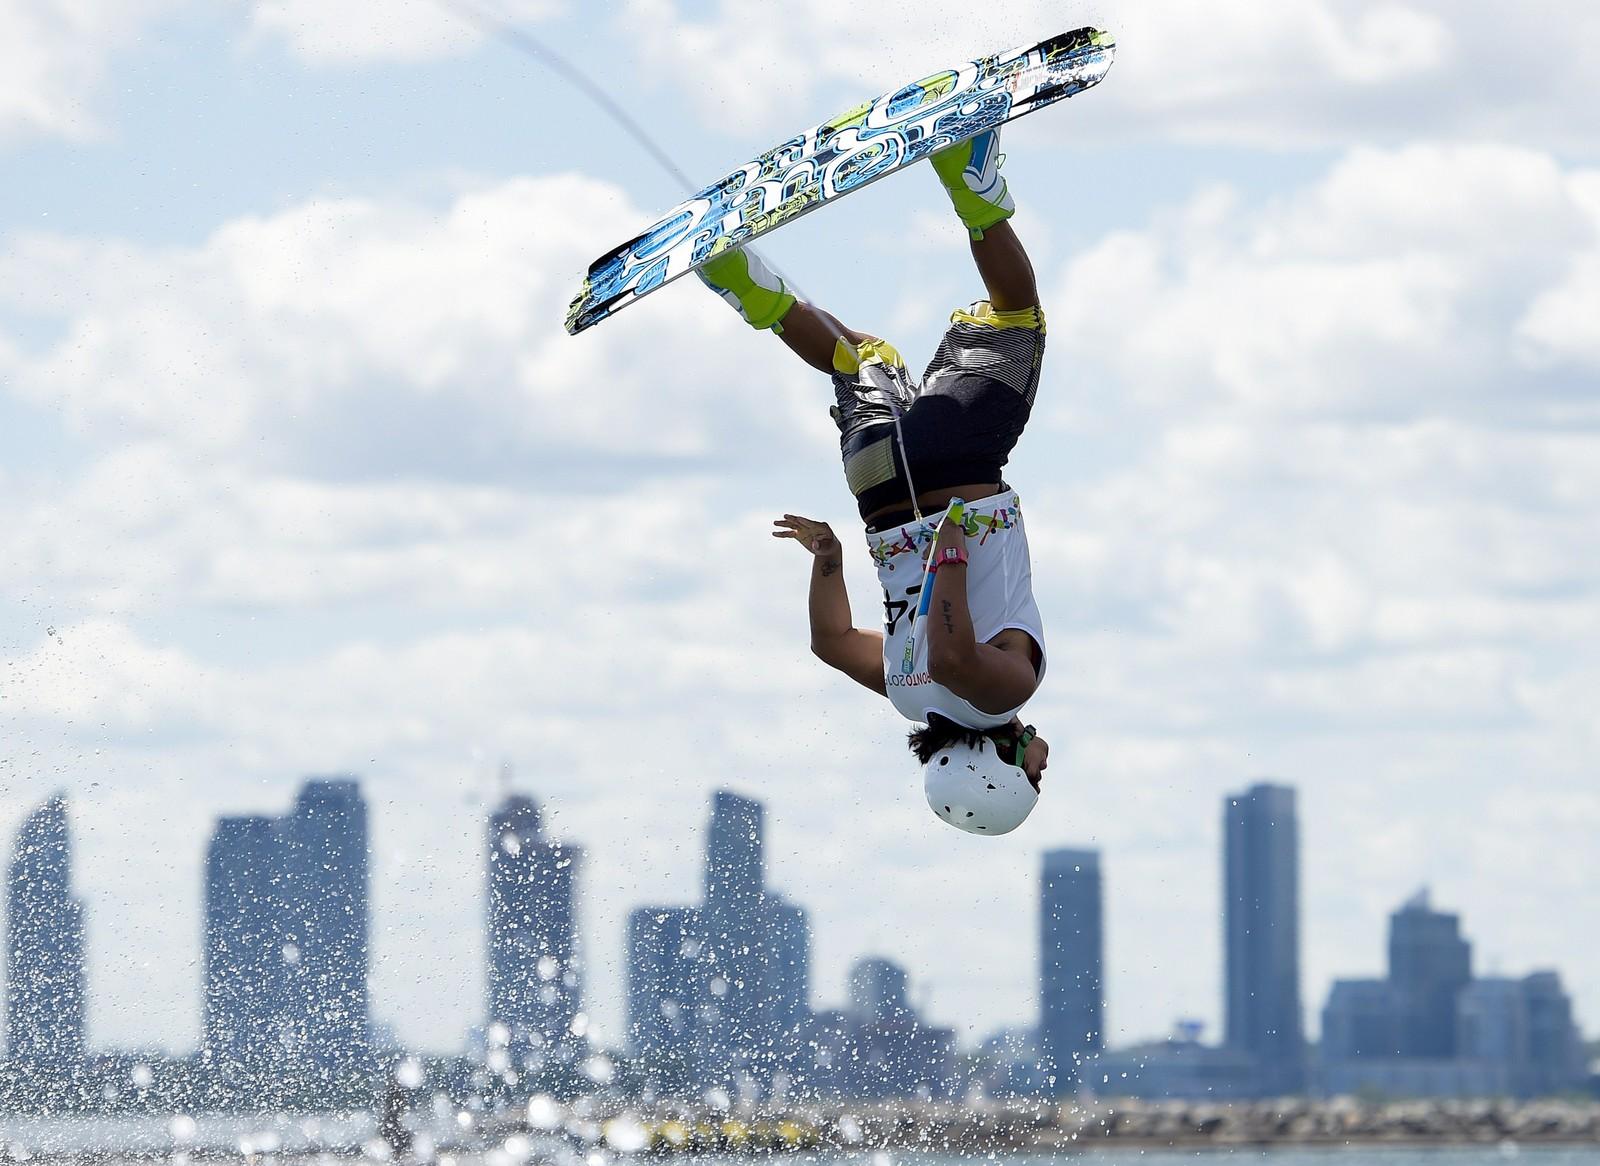 Jamie Bazan fra Ecuador i aksjon under semifinalen i wakeboard-konkurransen i Pan American Games i Toronto.